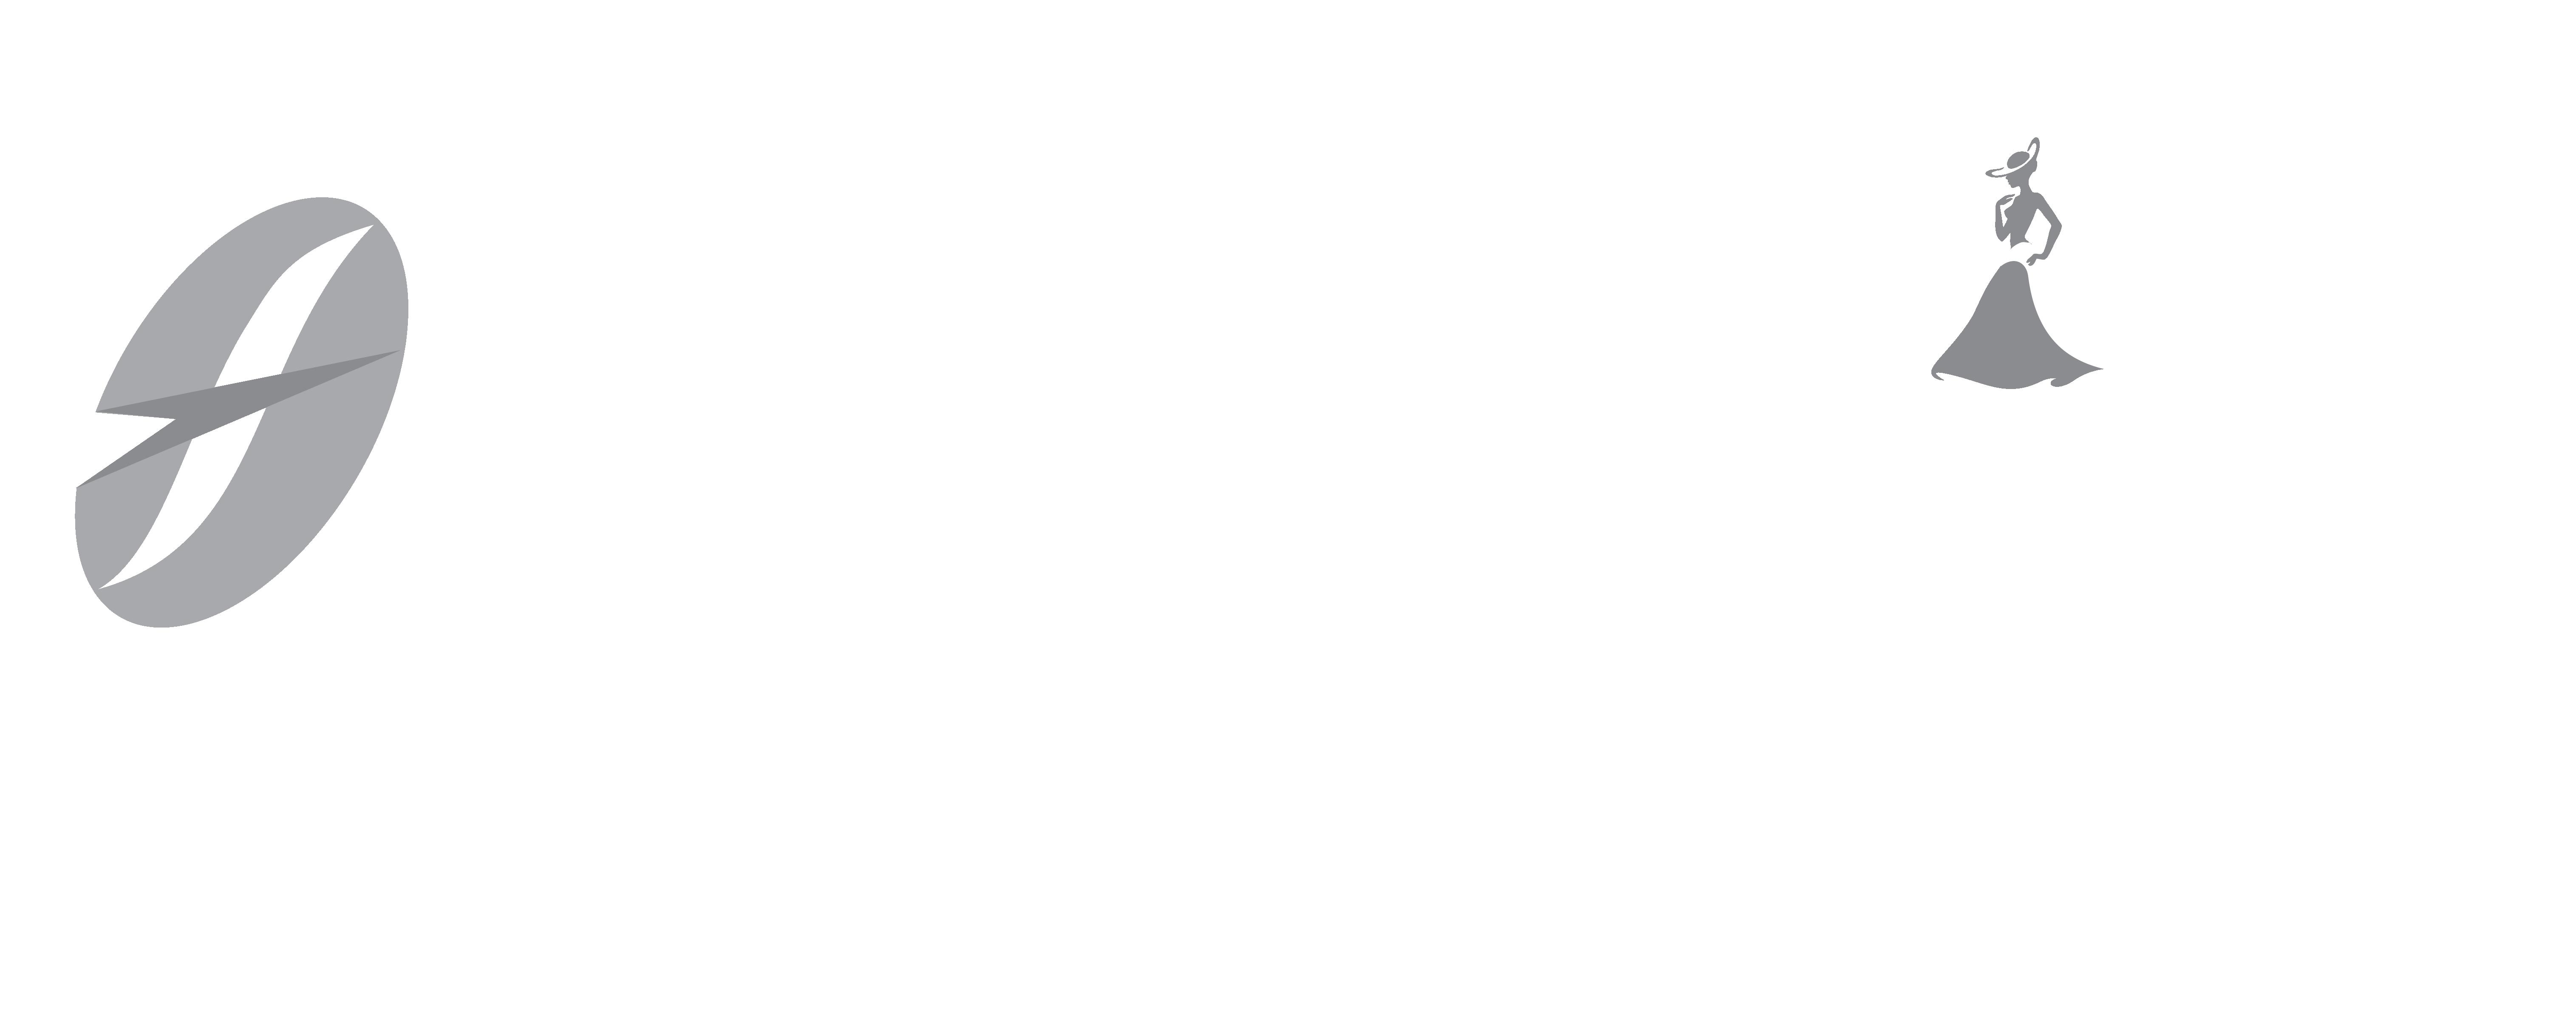 fm-blog-image